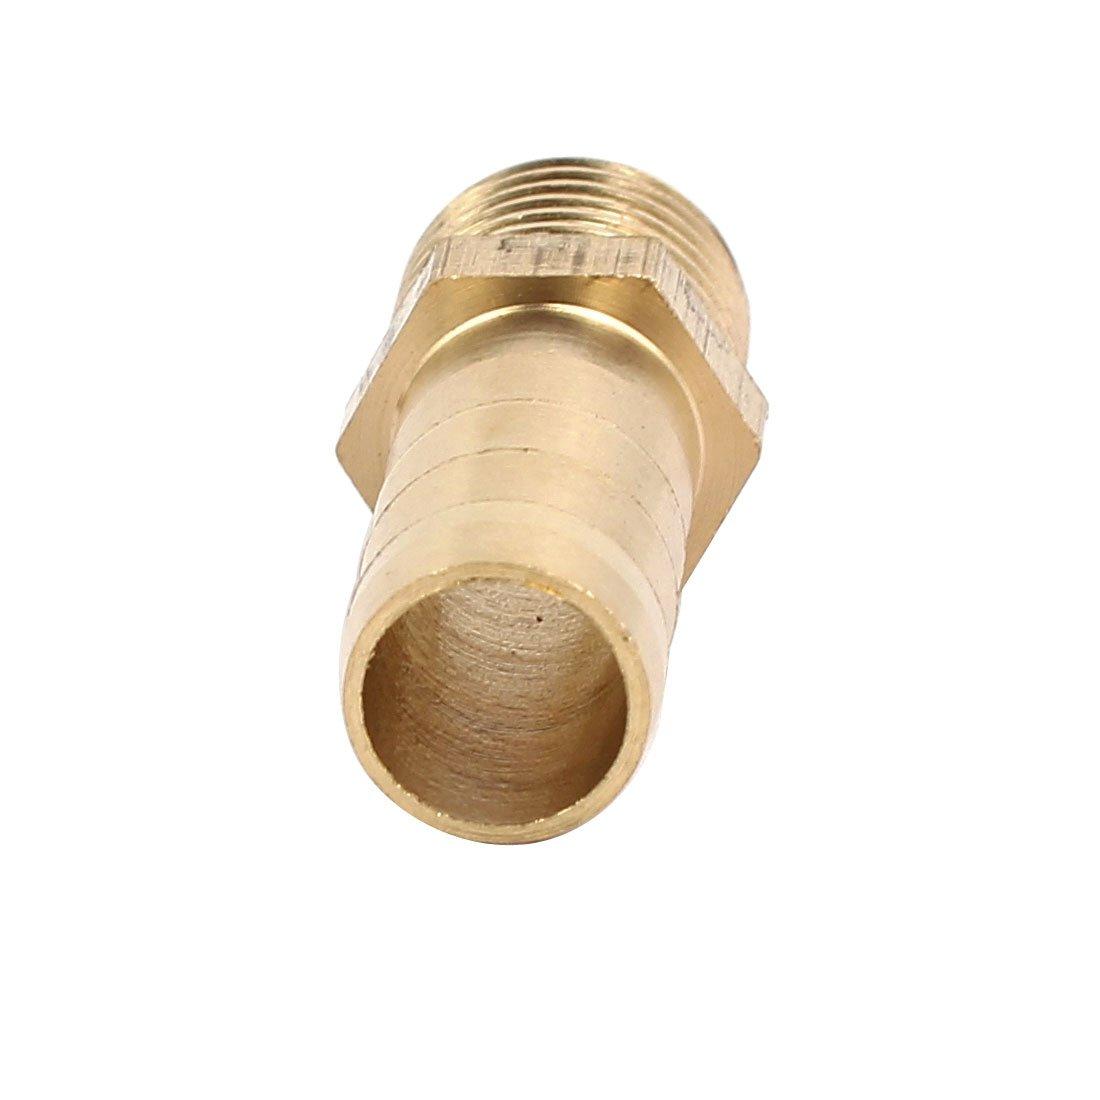 sourcingmap/® Acople el conector 5pcs 1//4 BSP rosca macho de 10 mm de di/ámetro interior de manguera de lat/ón